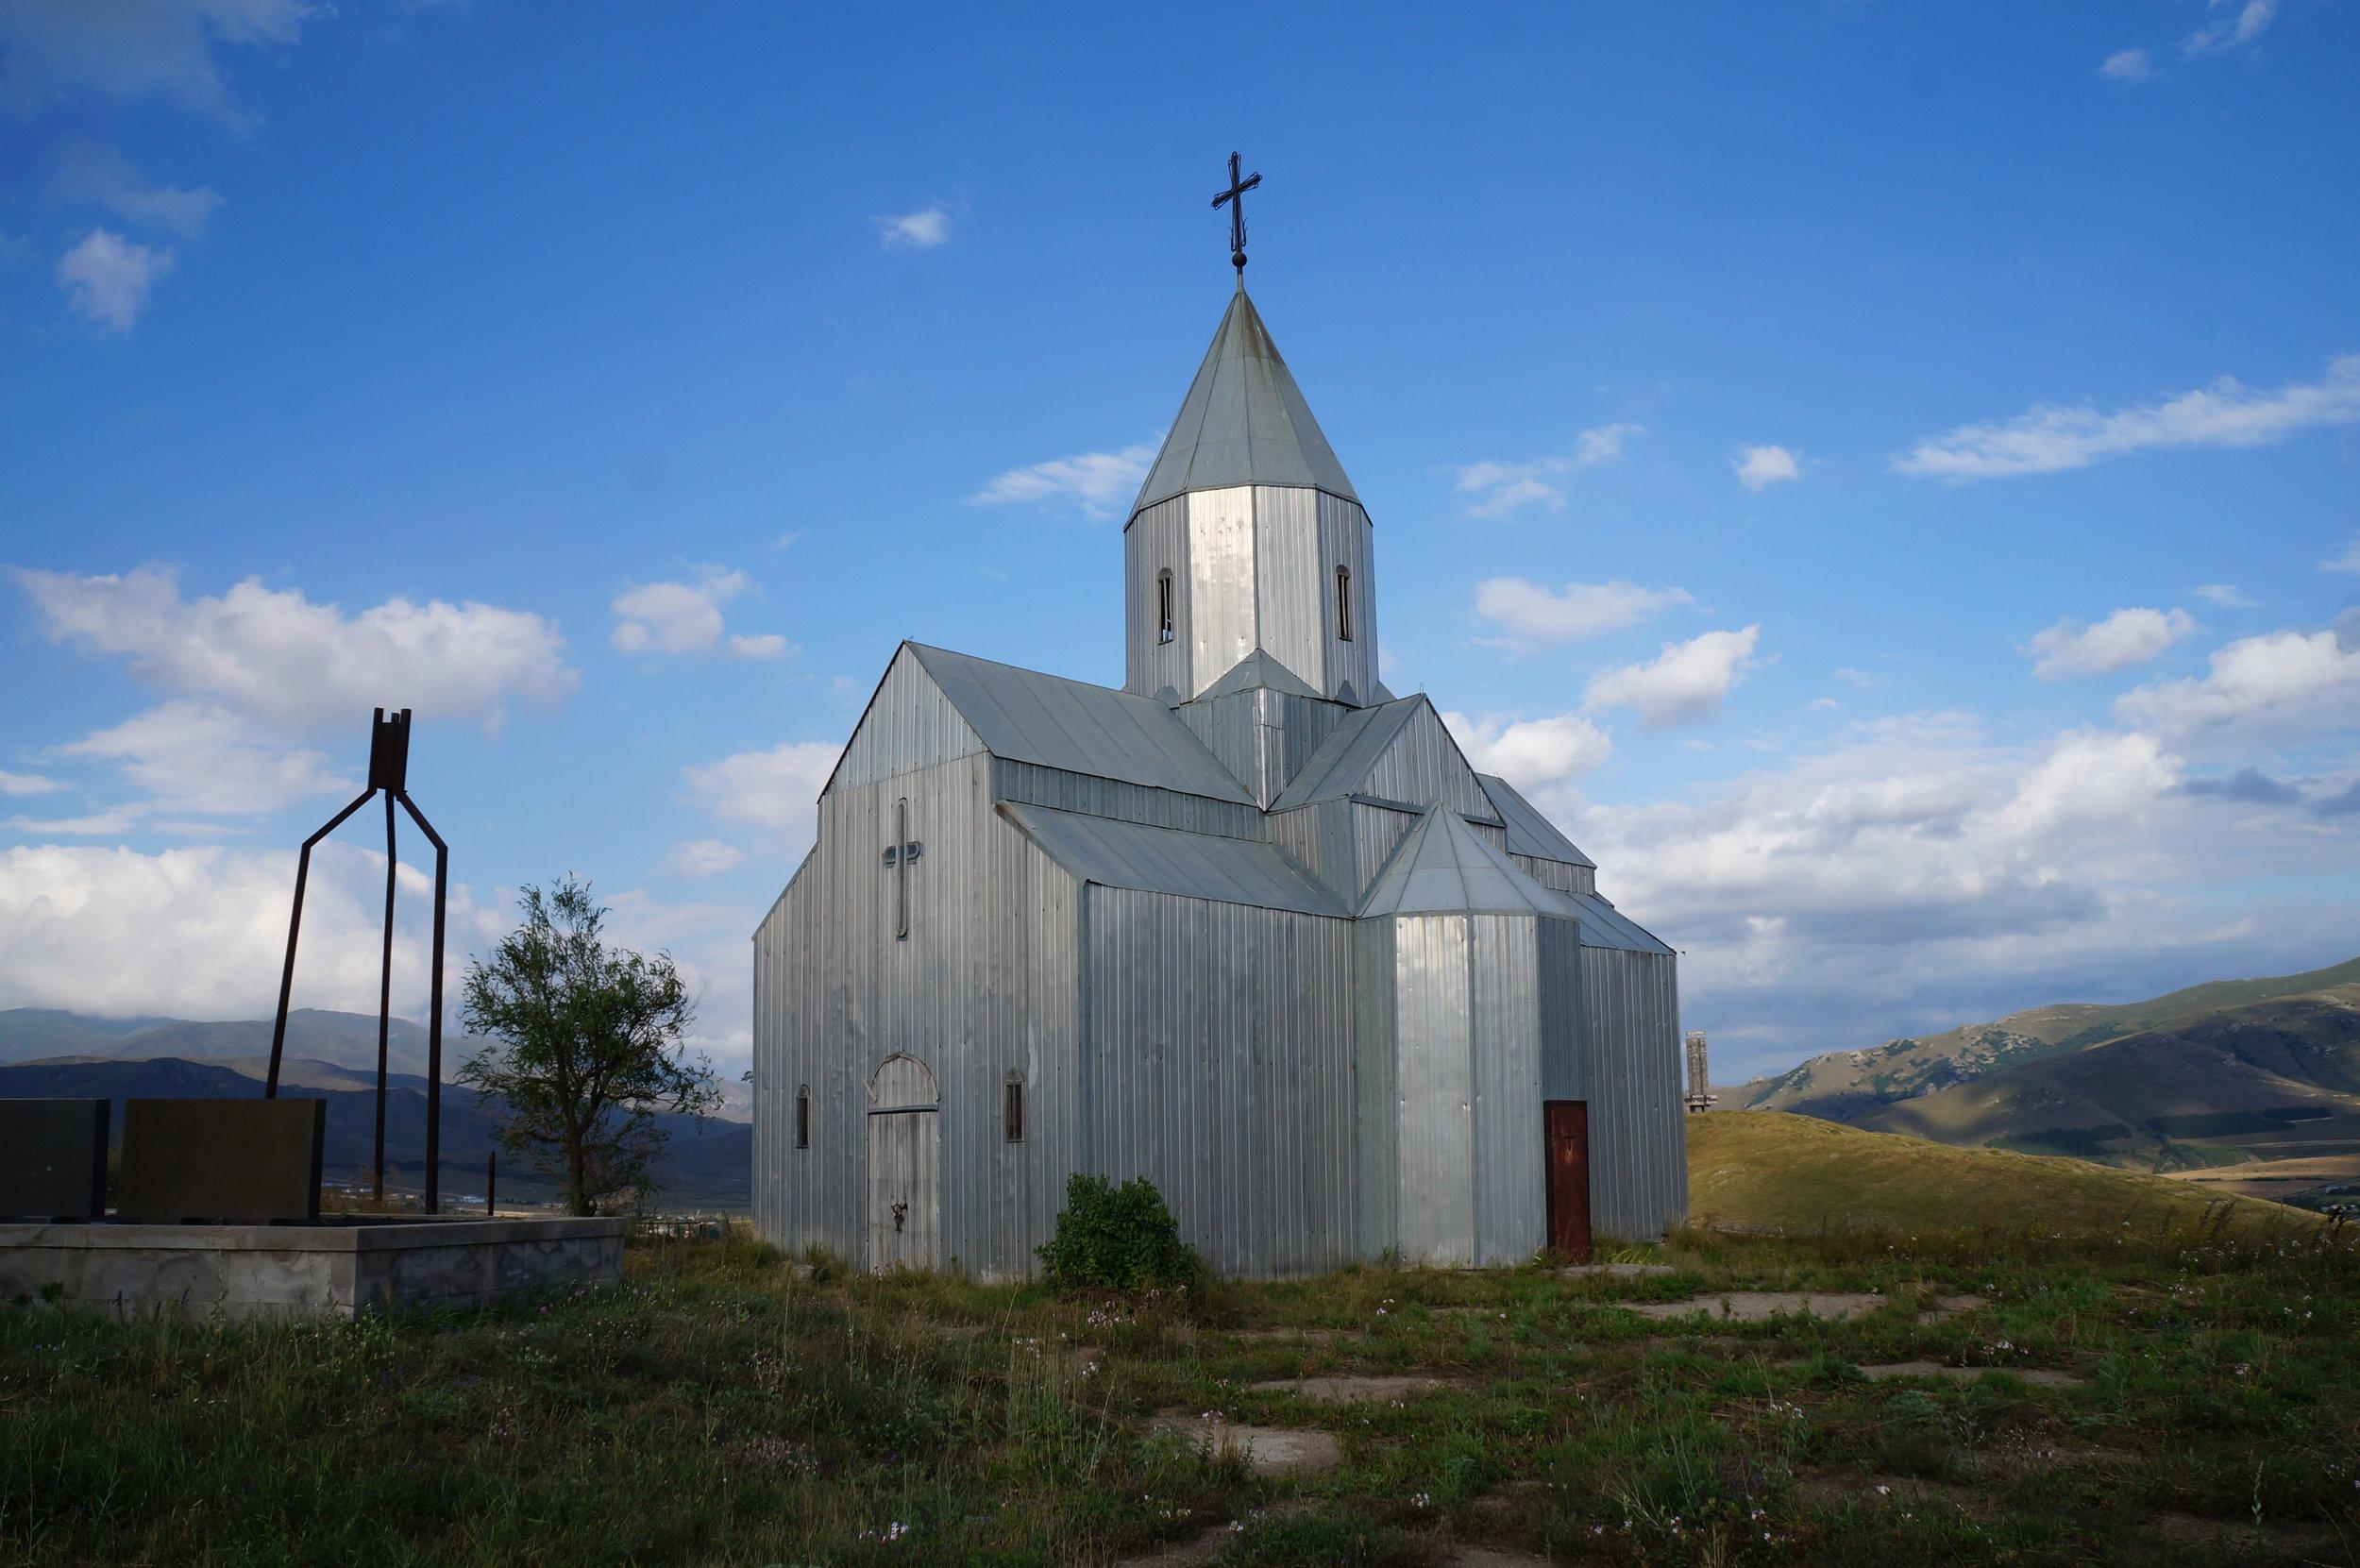 Սպիտակի այս եկեղեցին կառուցվեց երկրաշարժի արհավիրքներից անմիջապես հետո: Այն դարձավ սփոփանքի և վերածննդի խորհրդանիշ տեղաբնակների համար։ Եկեղեցին հետաքրքիր կառույց է, քանի որ շինված է մետաղից։